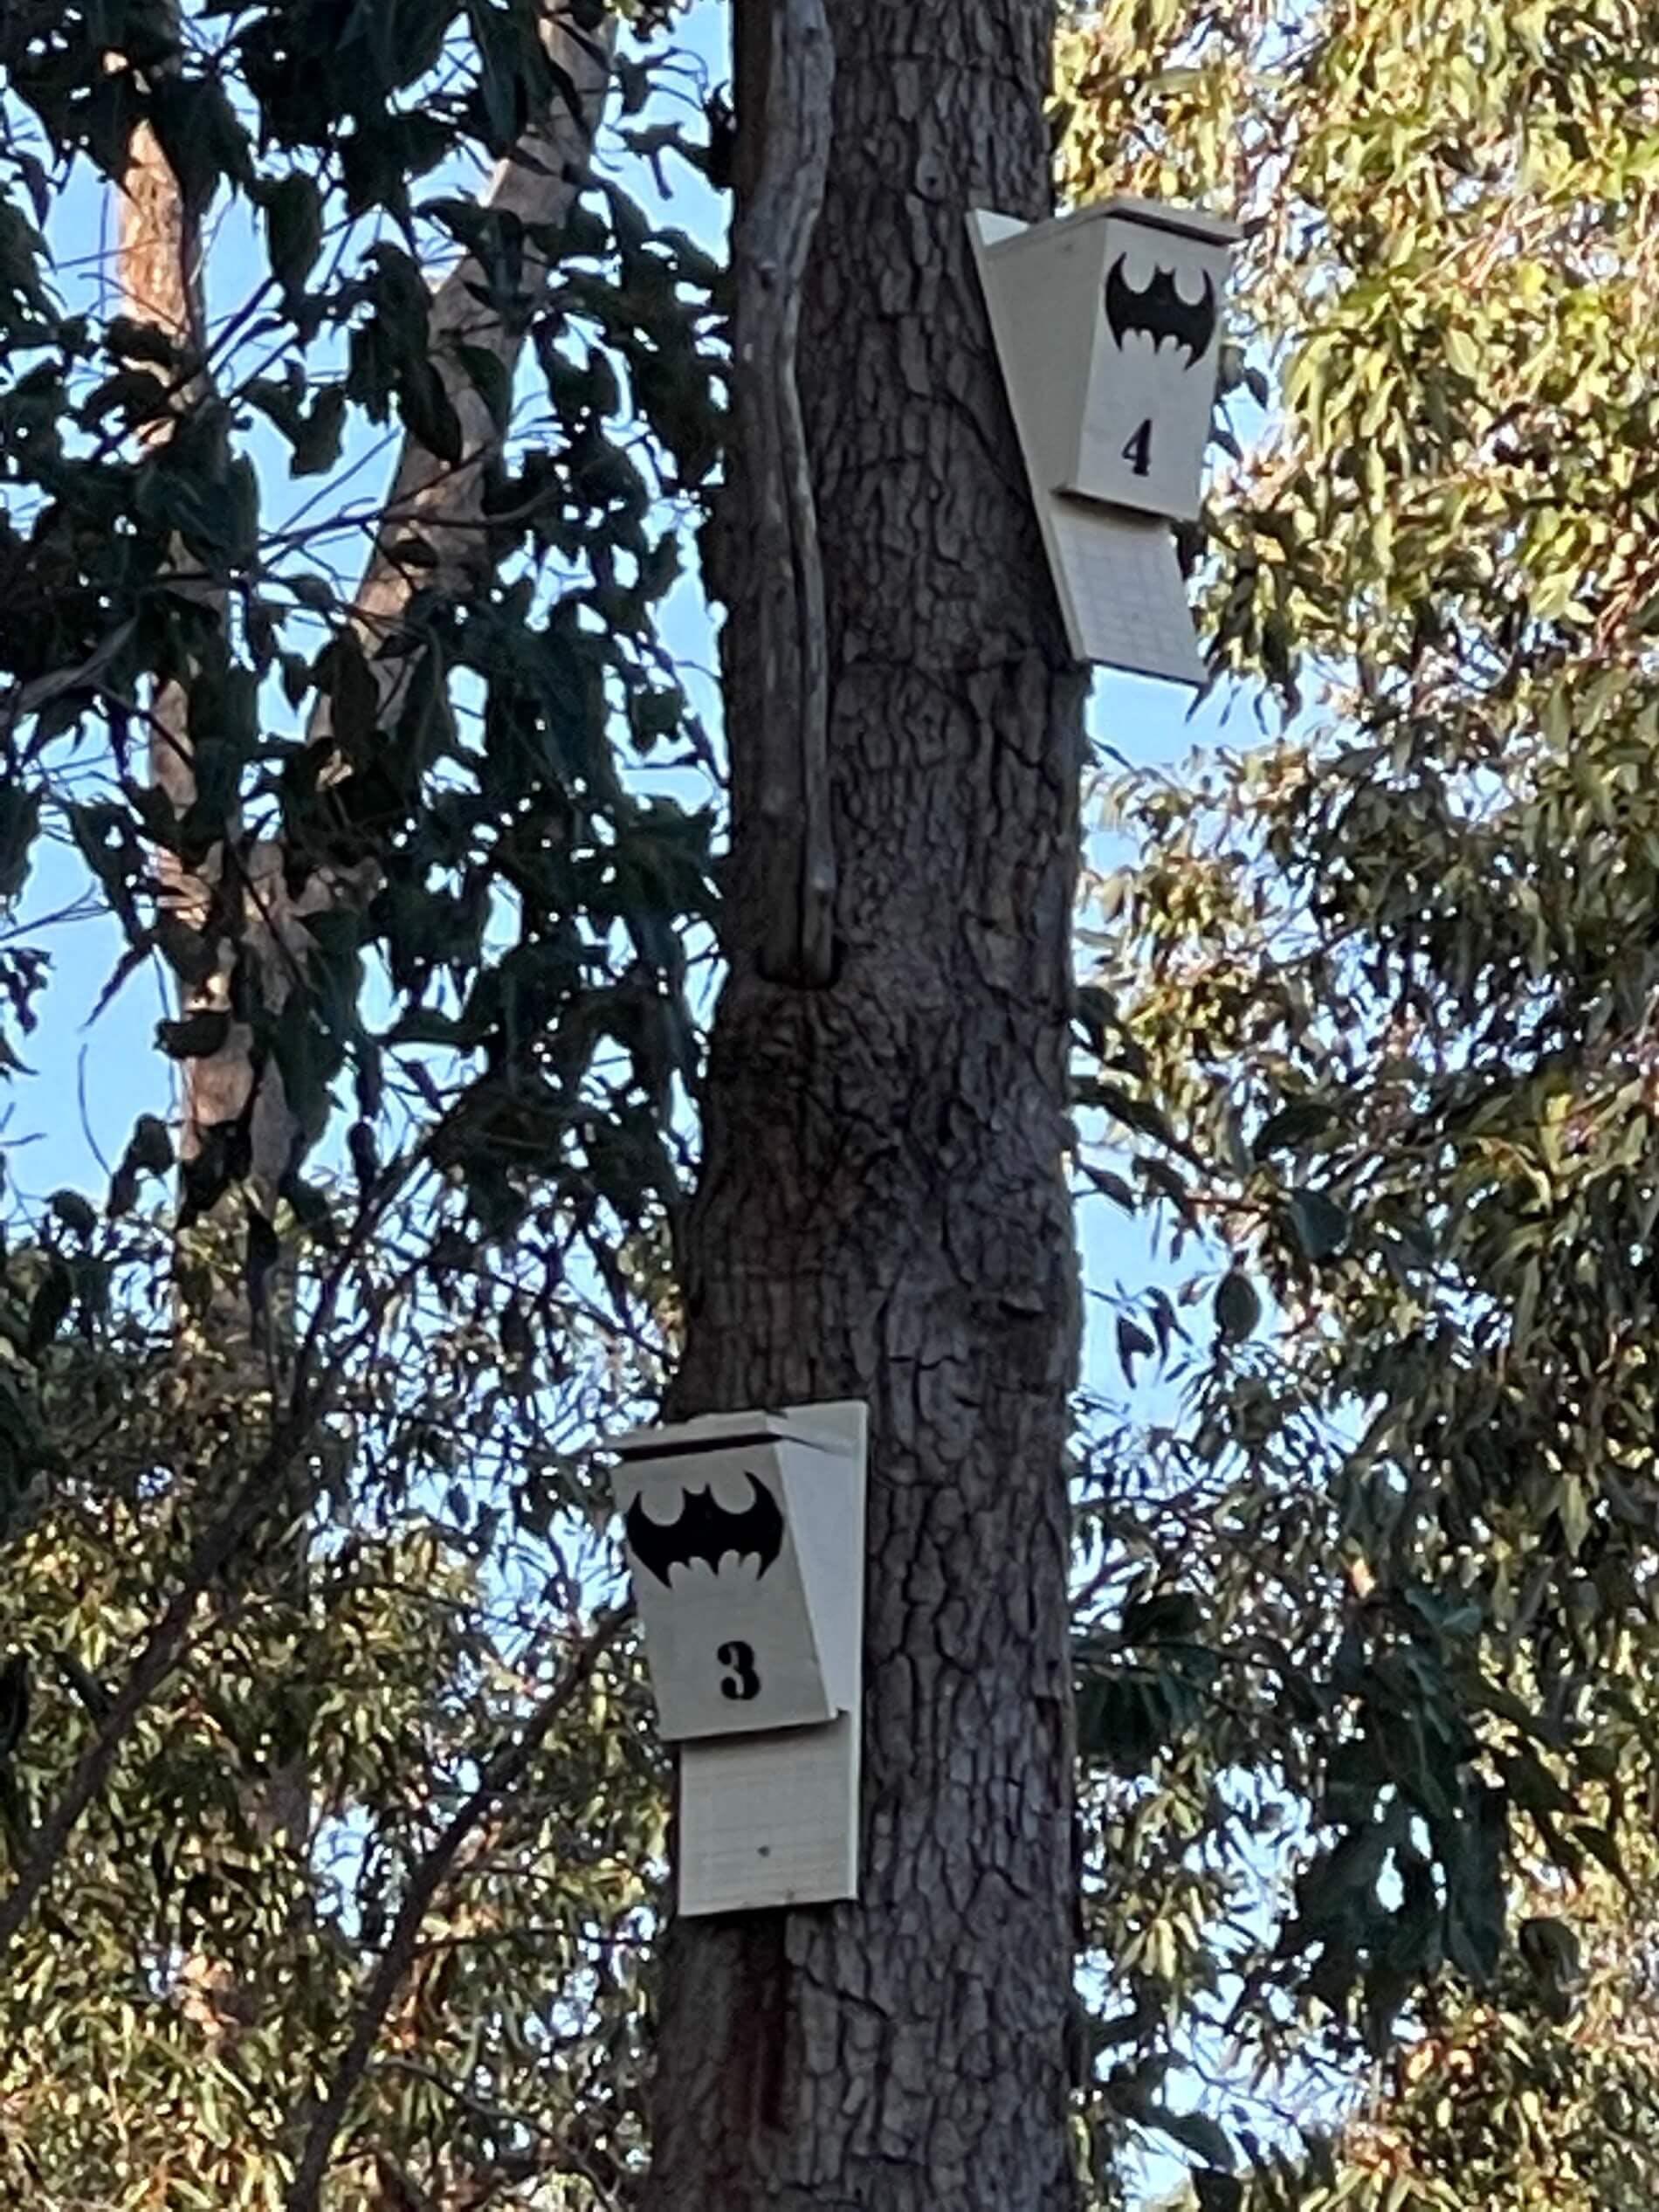 Microbat boxes located in Mundy Regional Park in Lesmurdie